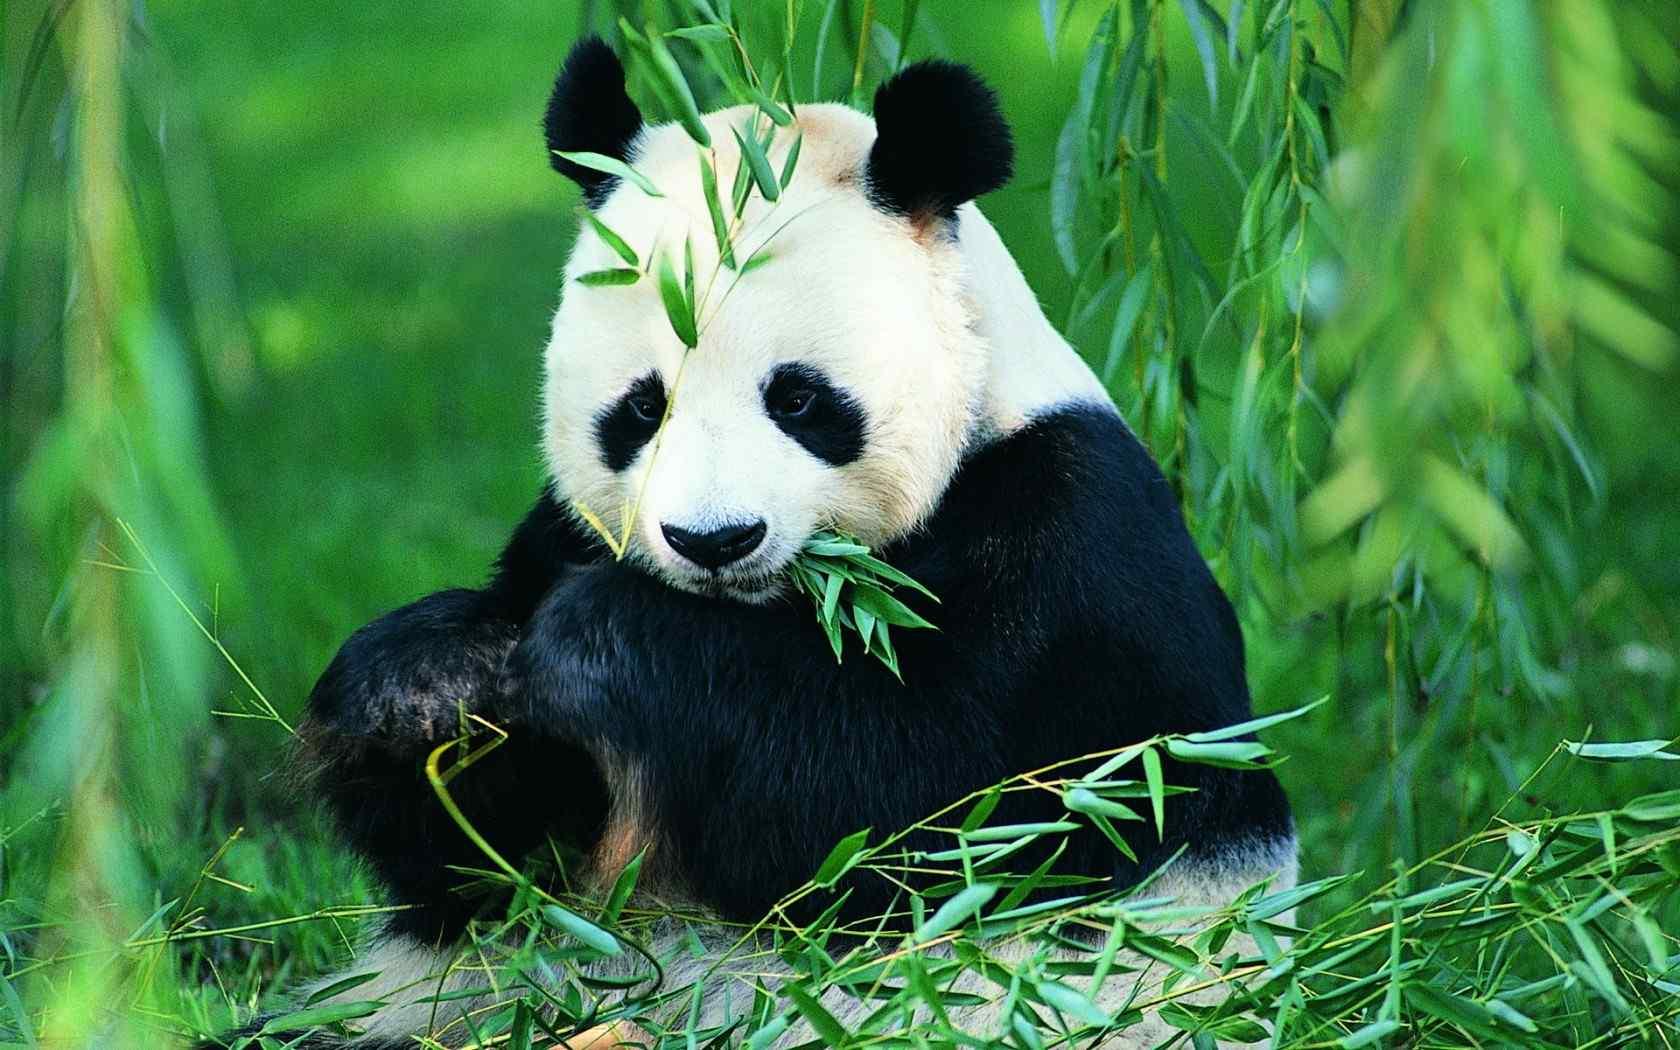 大熊猫吃竹子卖萌图片